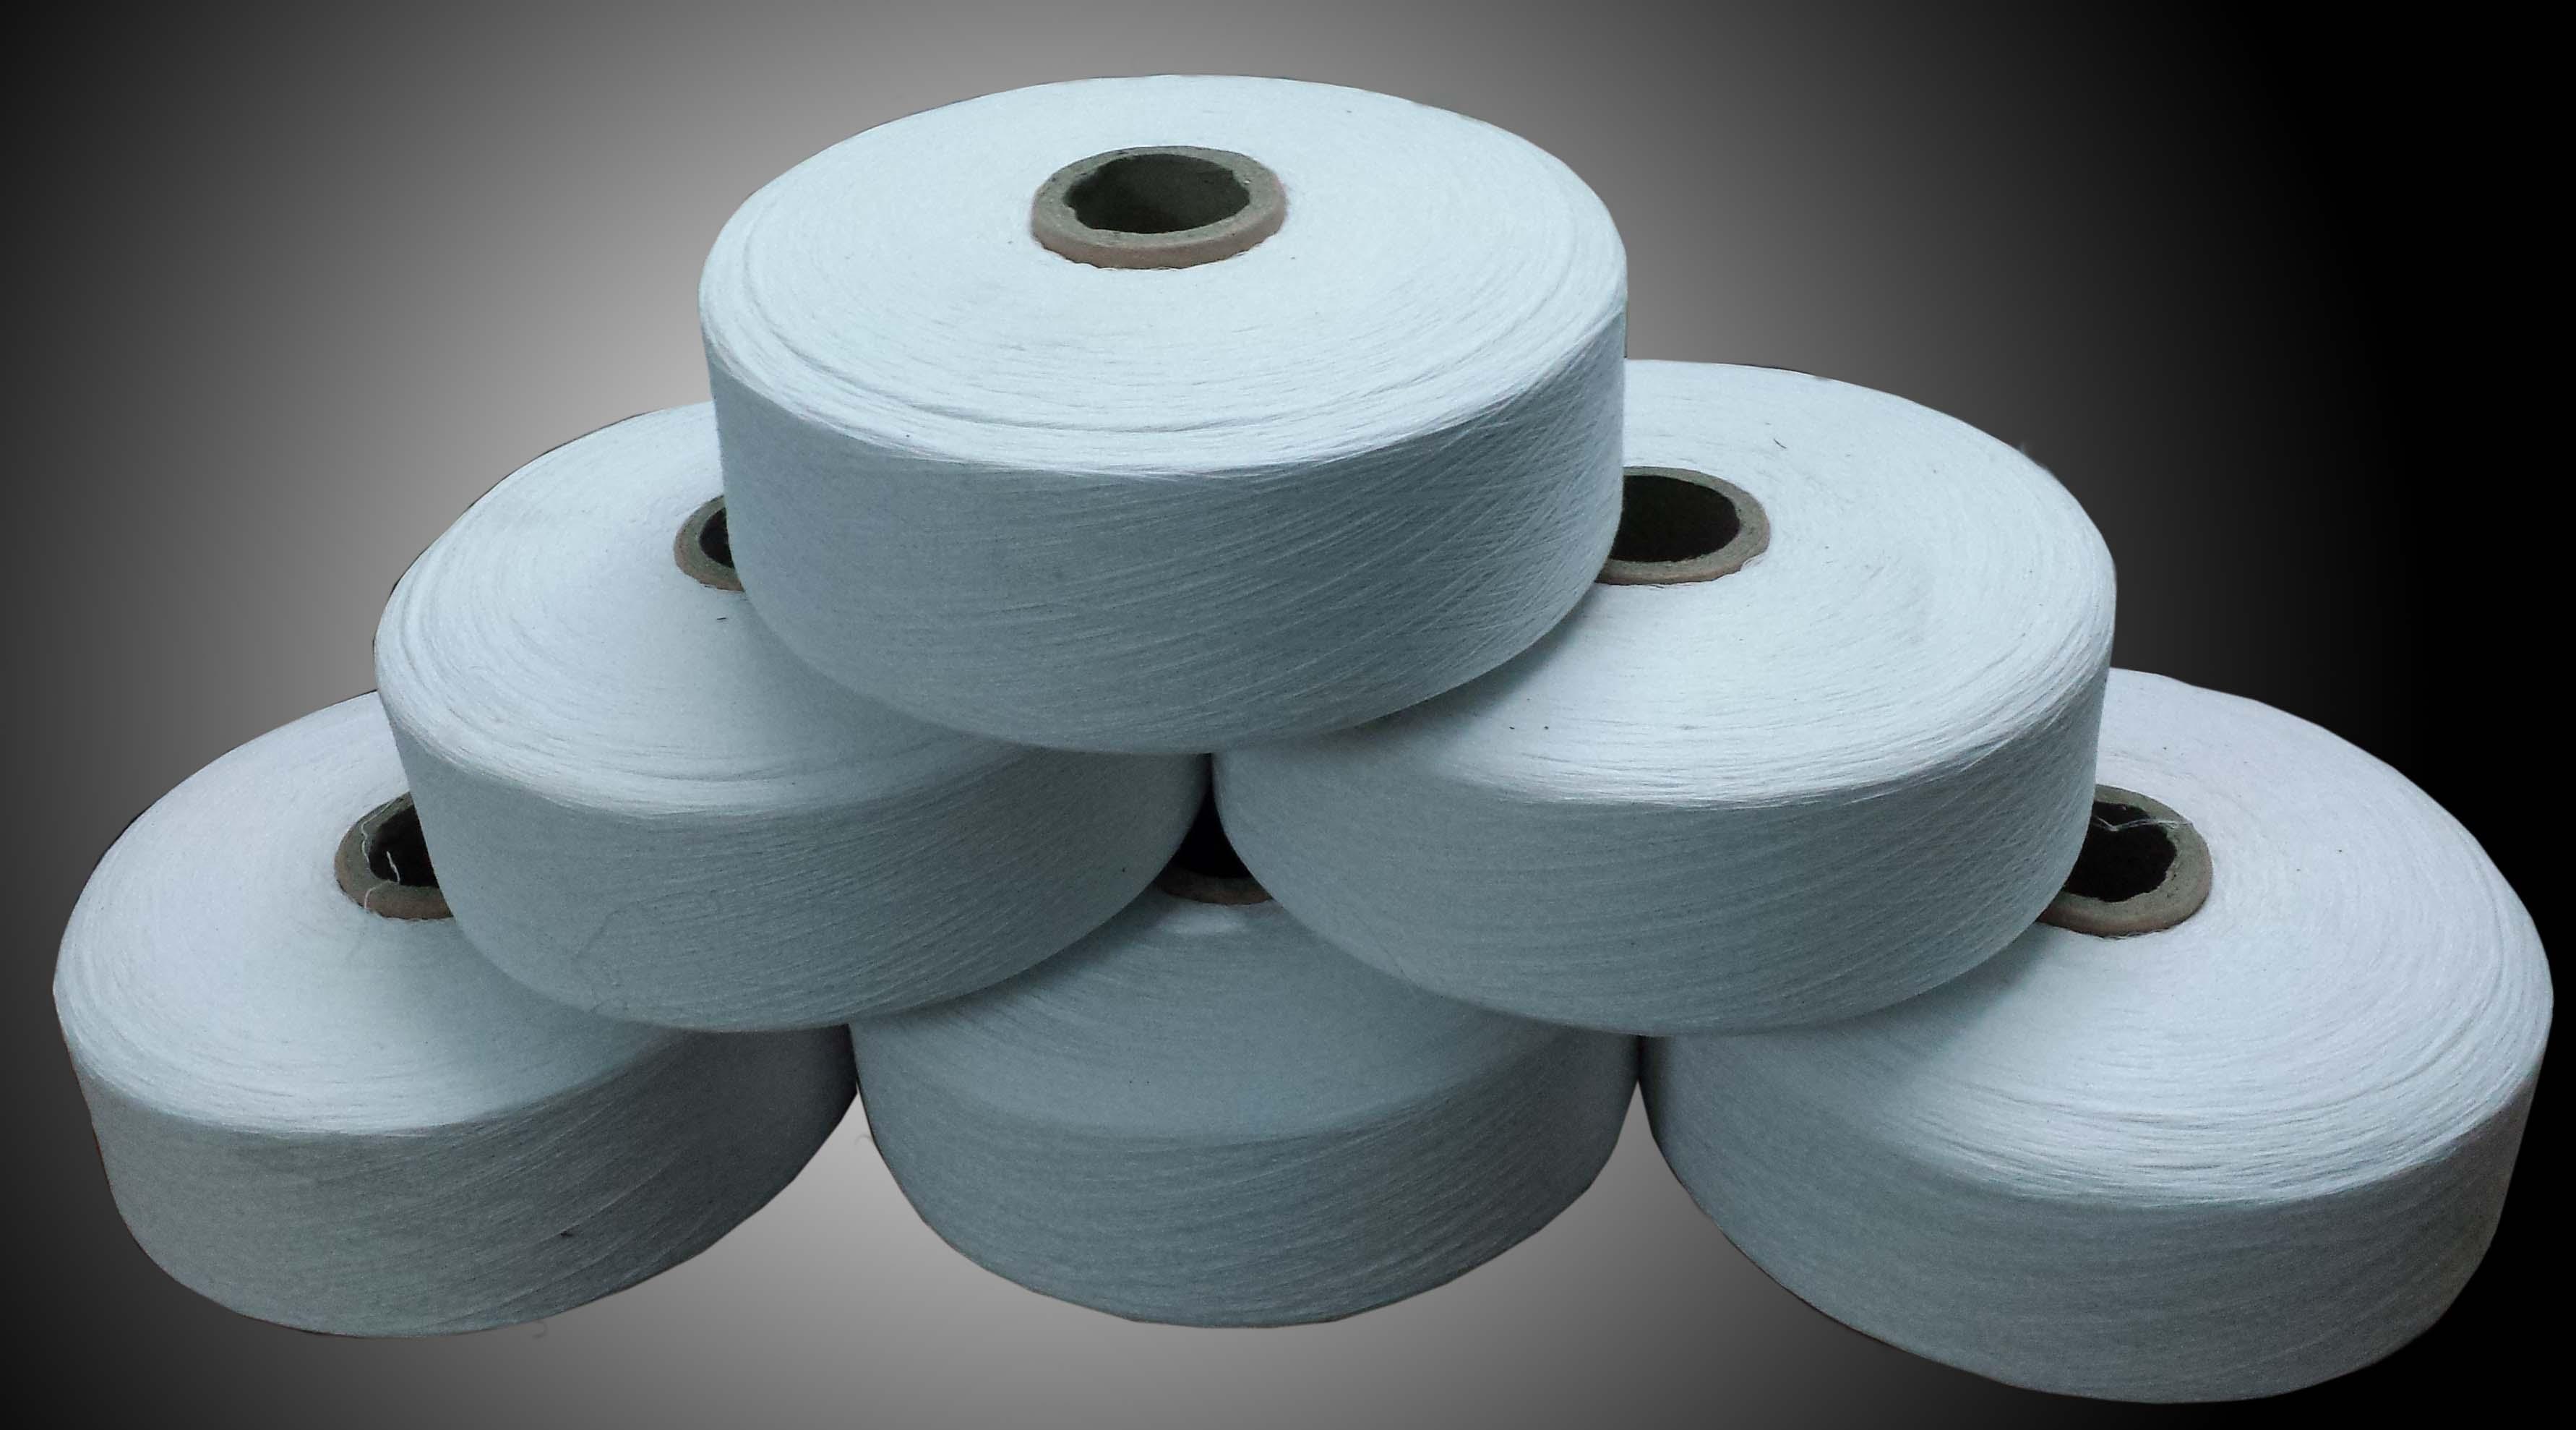 Sợi cotton trắng tẩy làm găng